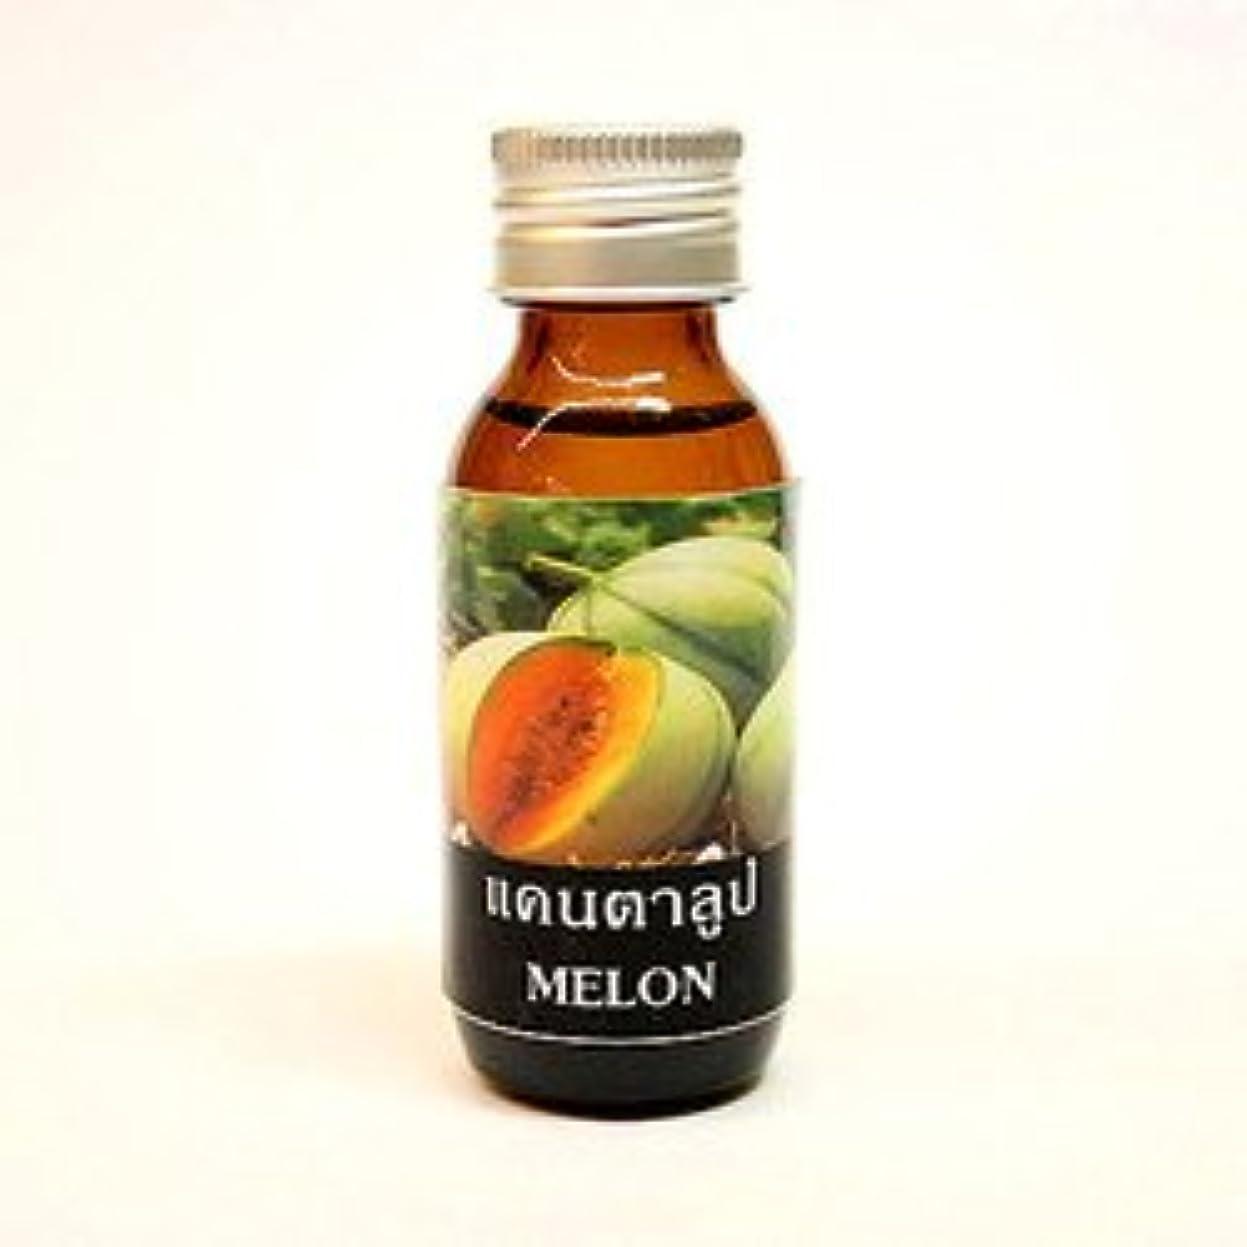 分析するブラザー良性メロン 〔MELON〕 アロマテラピーオイル 30ml アジアン雑貨